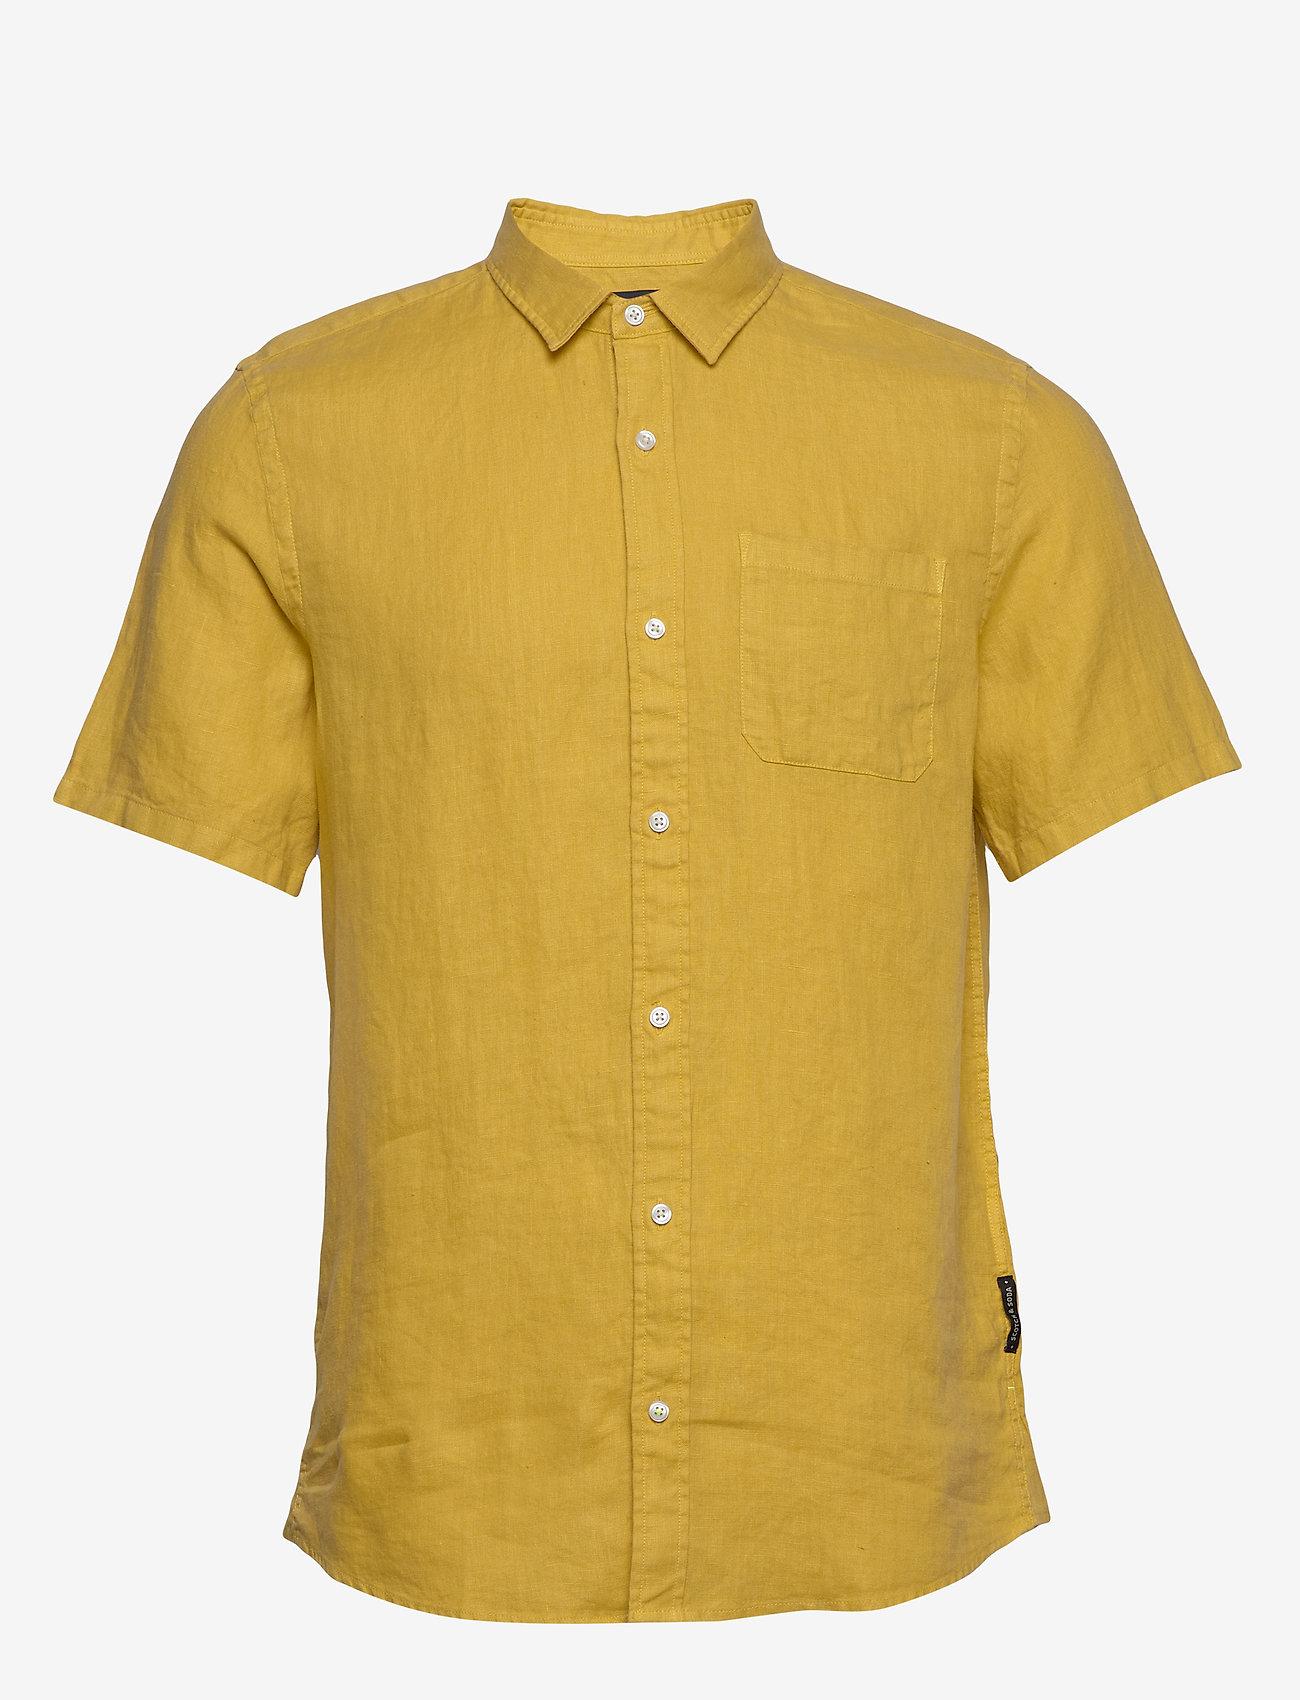 Scotch & Soda - REGULAR FIT- Shortsleeve garment -dyed linen shirt - basic shirts - saffron - 0